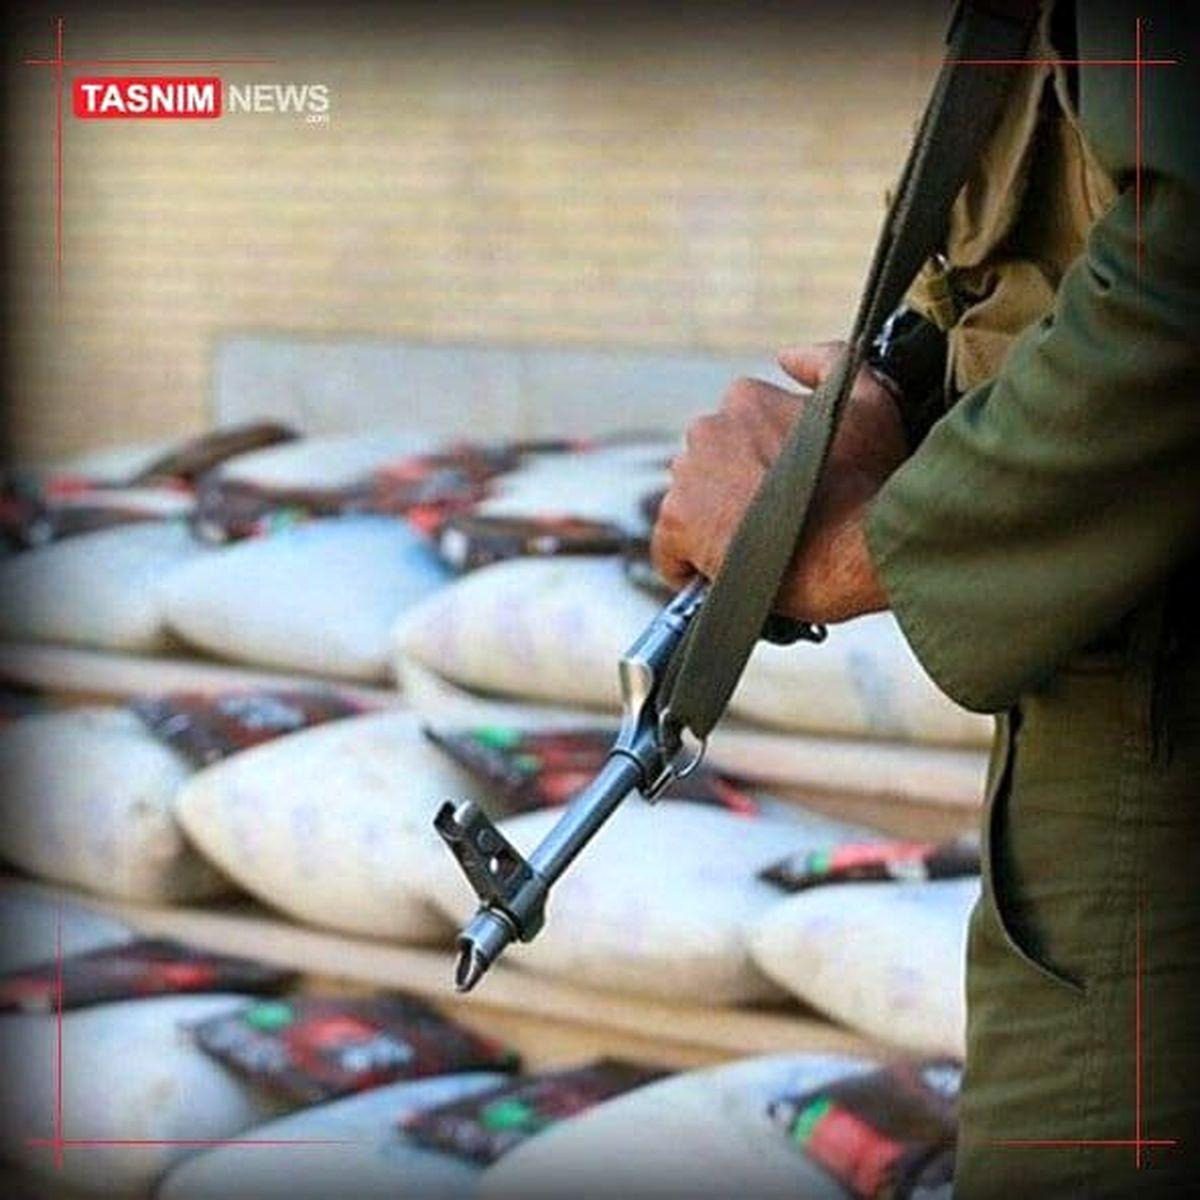 بازداشت ۹ نفر از اعضای «فرقه عرفان حلقه»